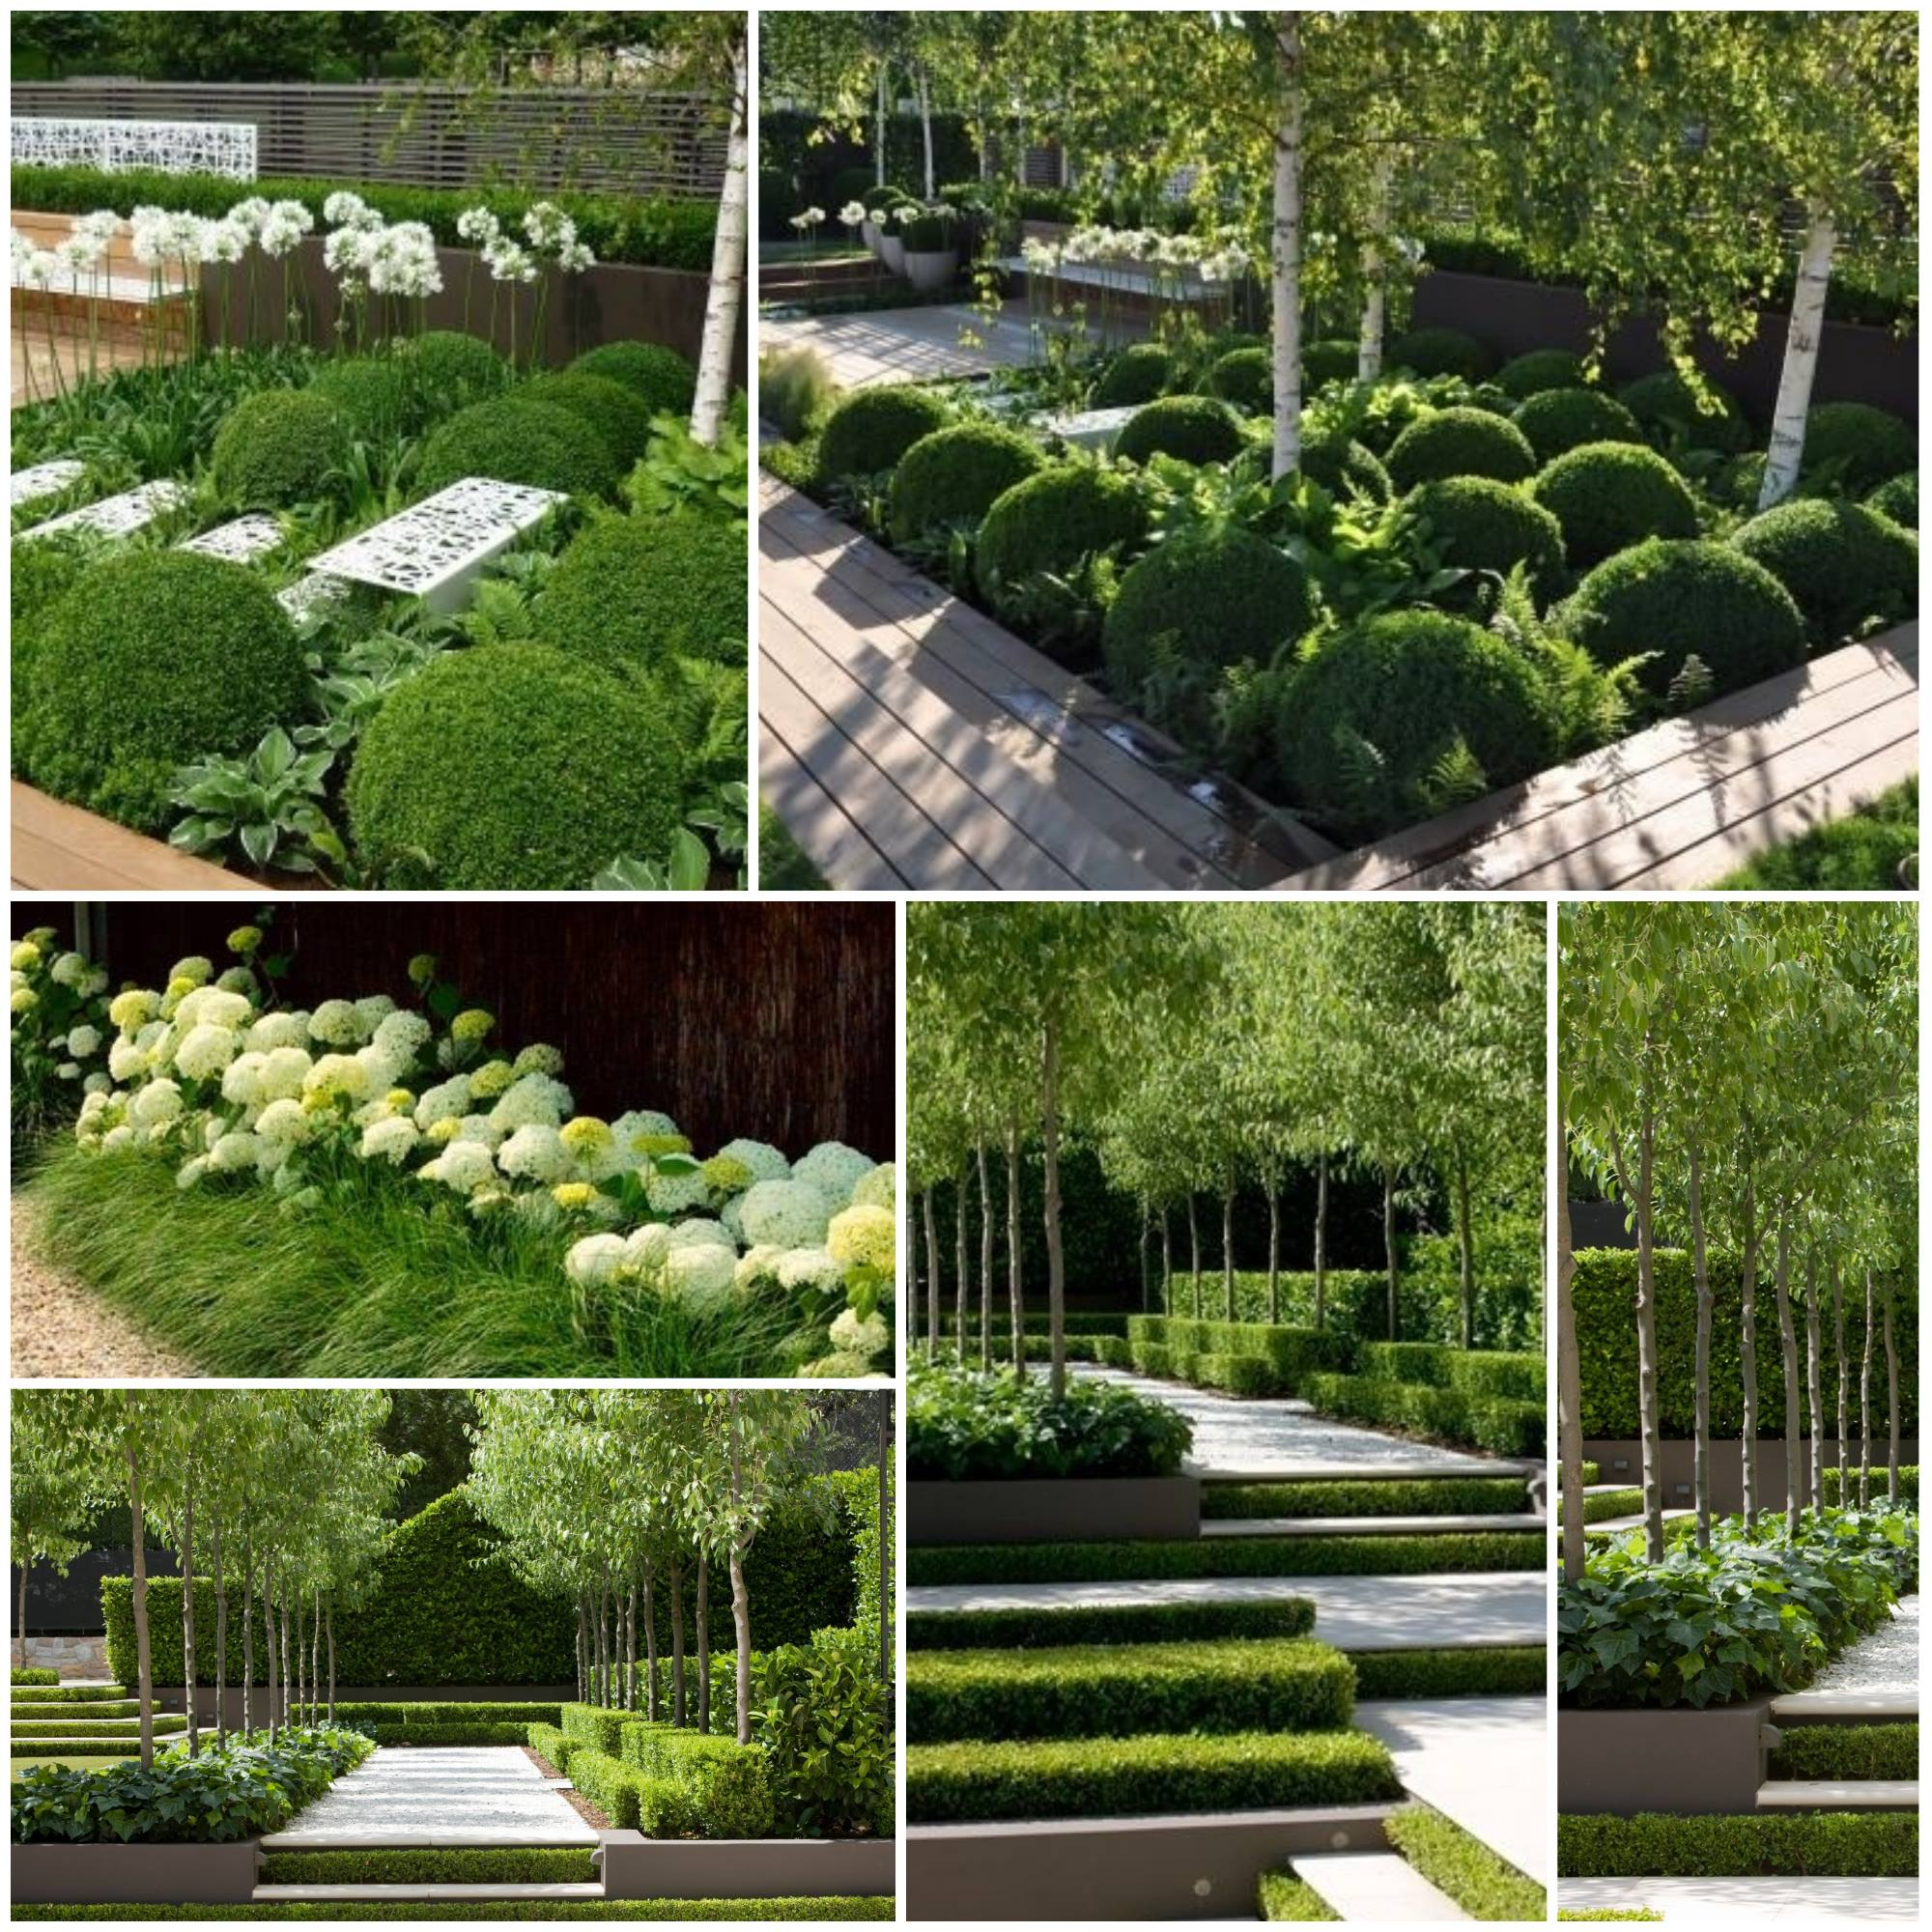 Ainulaadne aiaruum samavärvilistest taimedest